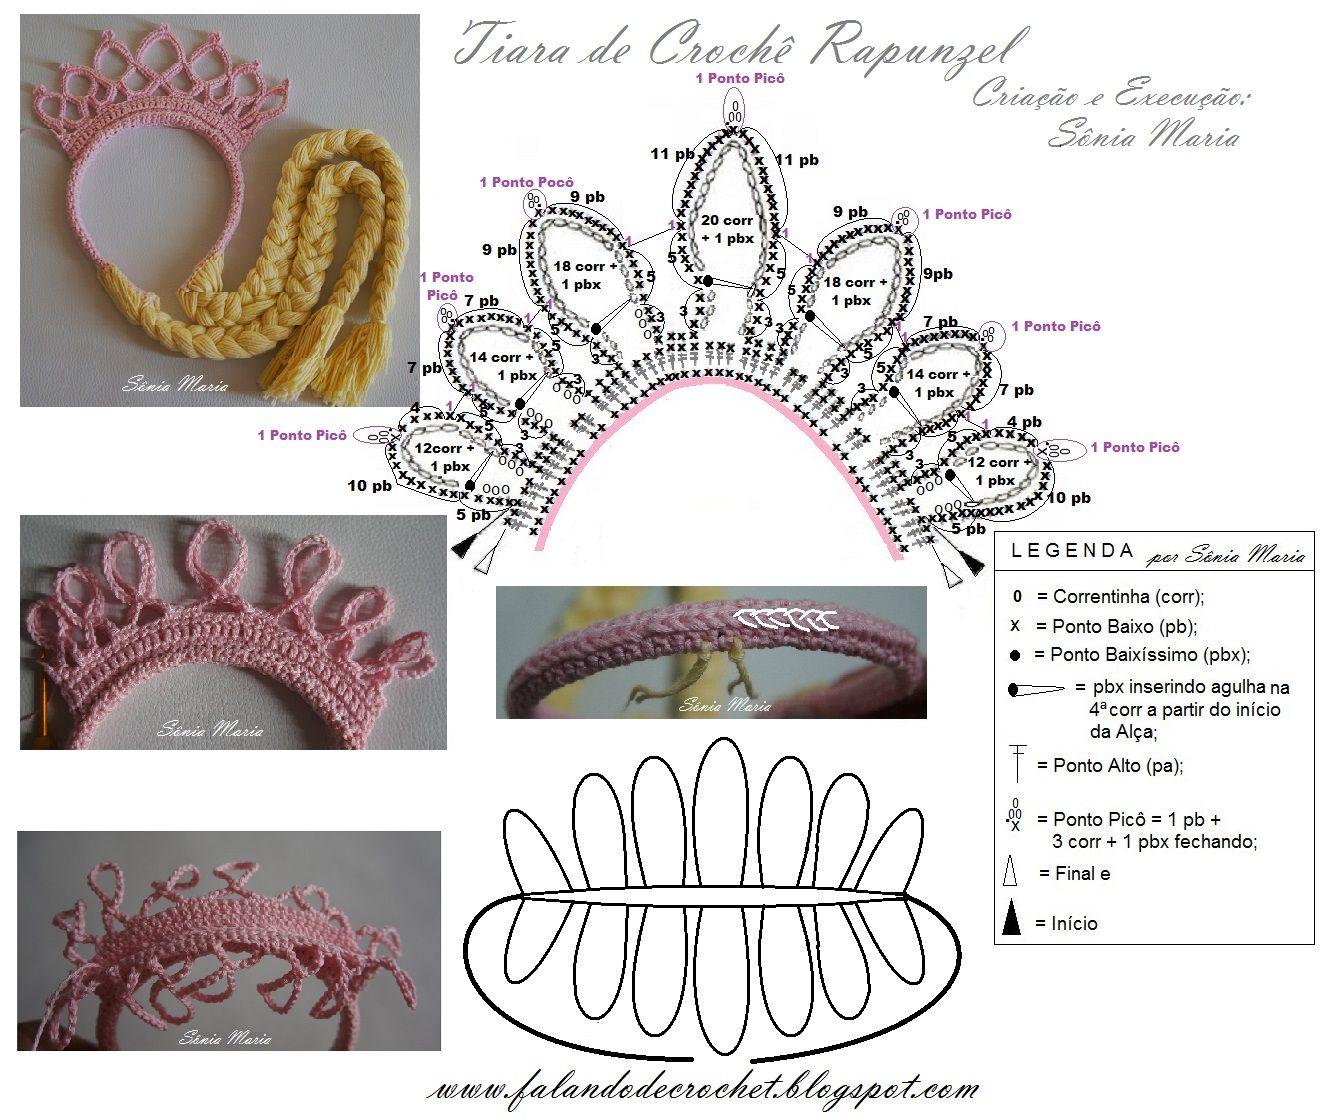 TIARA DE CROCHE RAPUNZEL | Wedding Inspirations | Pinterest ...